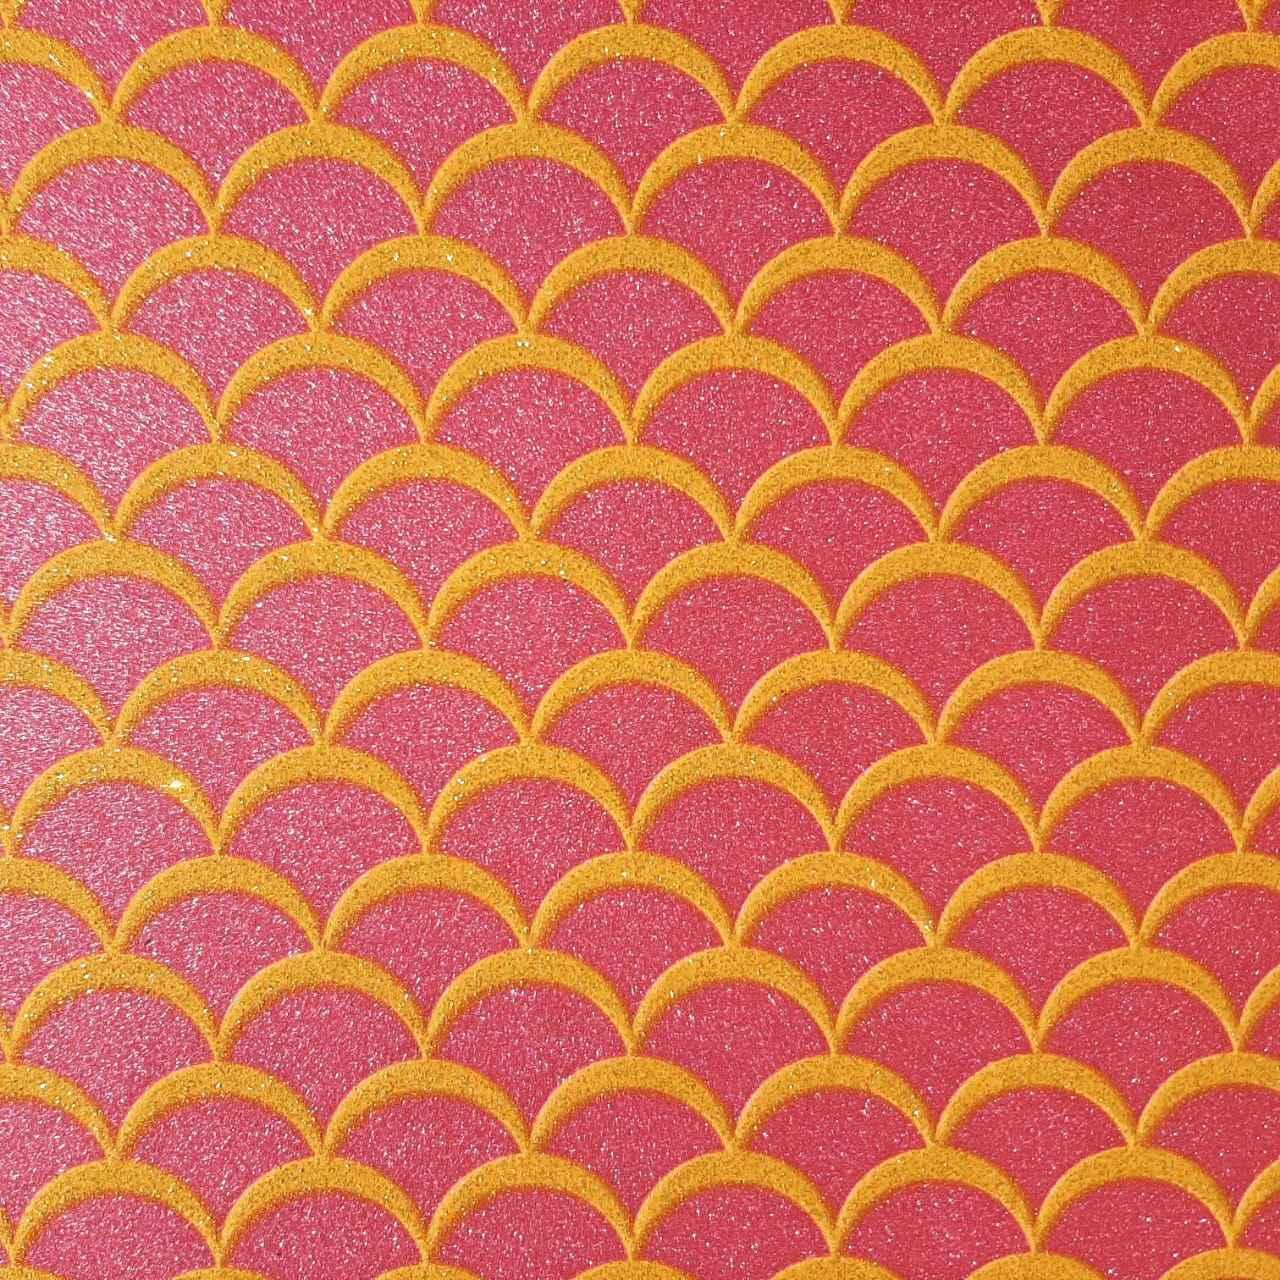 Folha de Eva Estampado Cauda de Sereia com Glitter Dourado